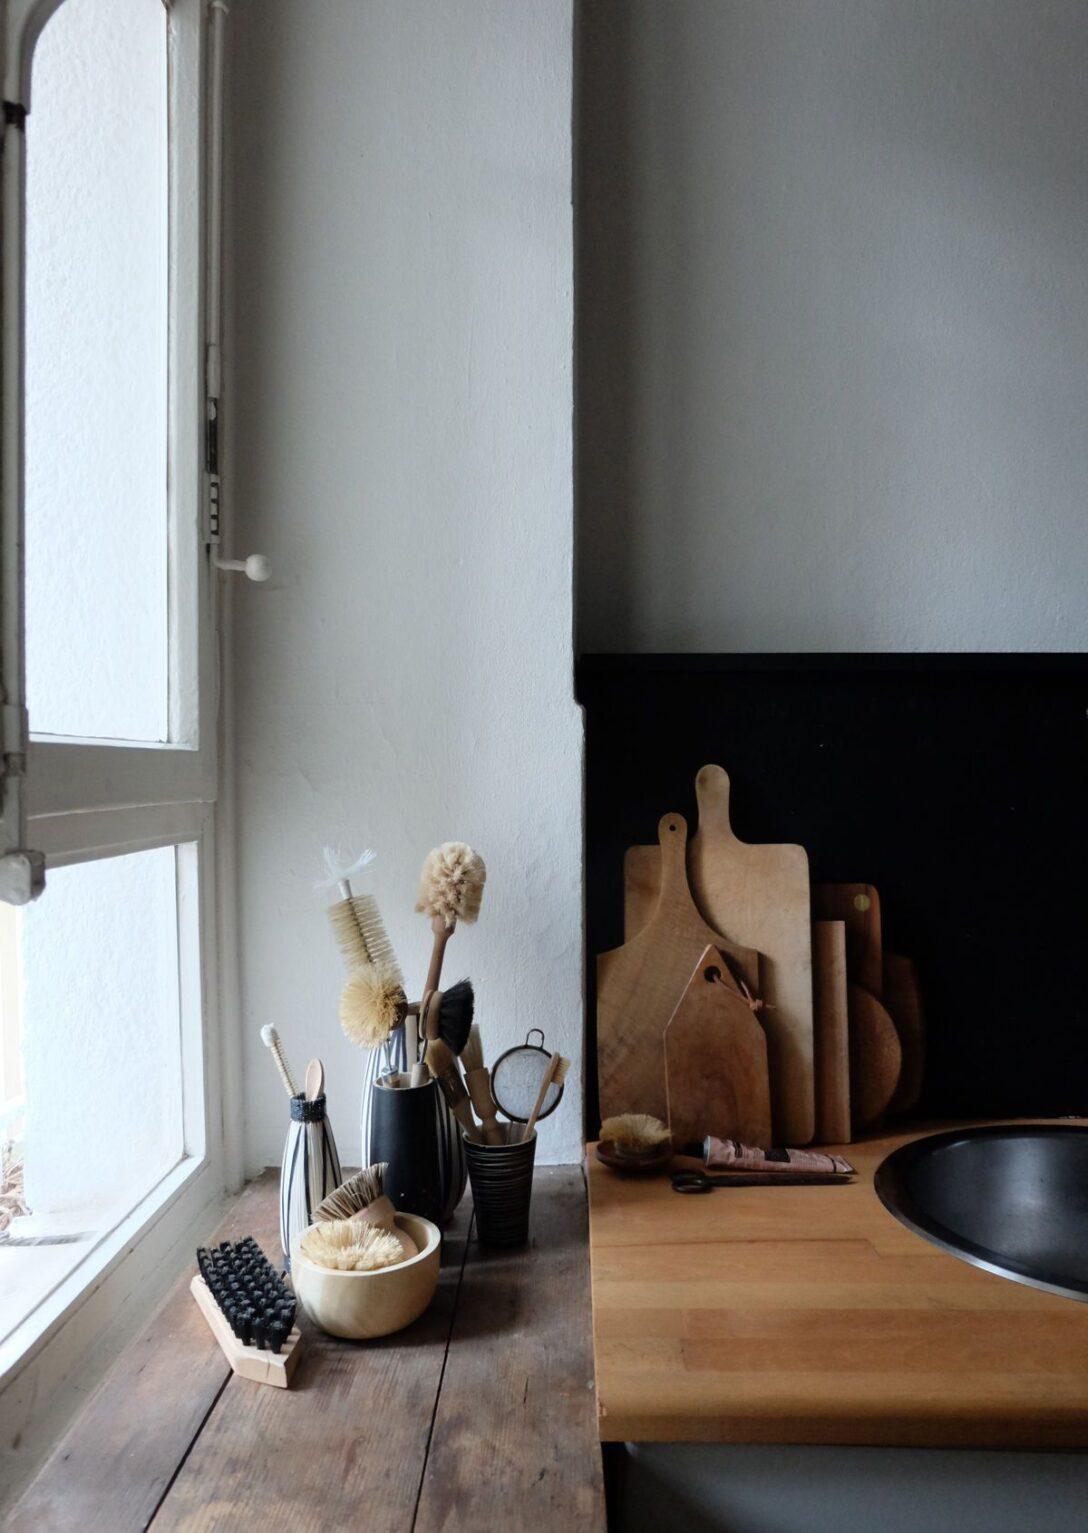 Large Size of Wanddeko Küche Modern Kleine Einbauküche Schmales Regal Kleiner Tisch Deckenleuchten Müllschrank Singleküche Waschbecken Edelstahlküche Gebraucht Wohnzimmer Wanddeko Küche Modern